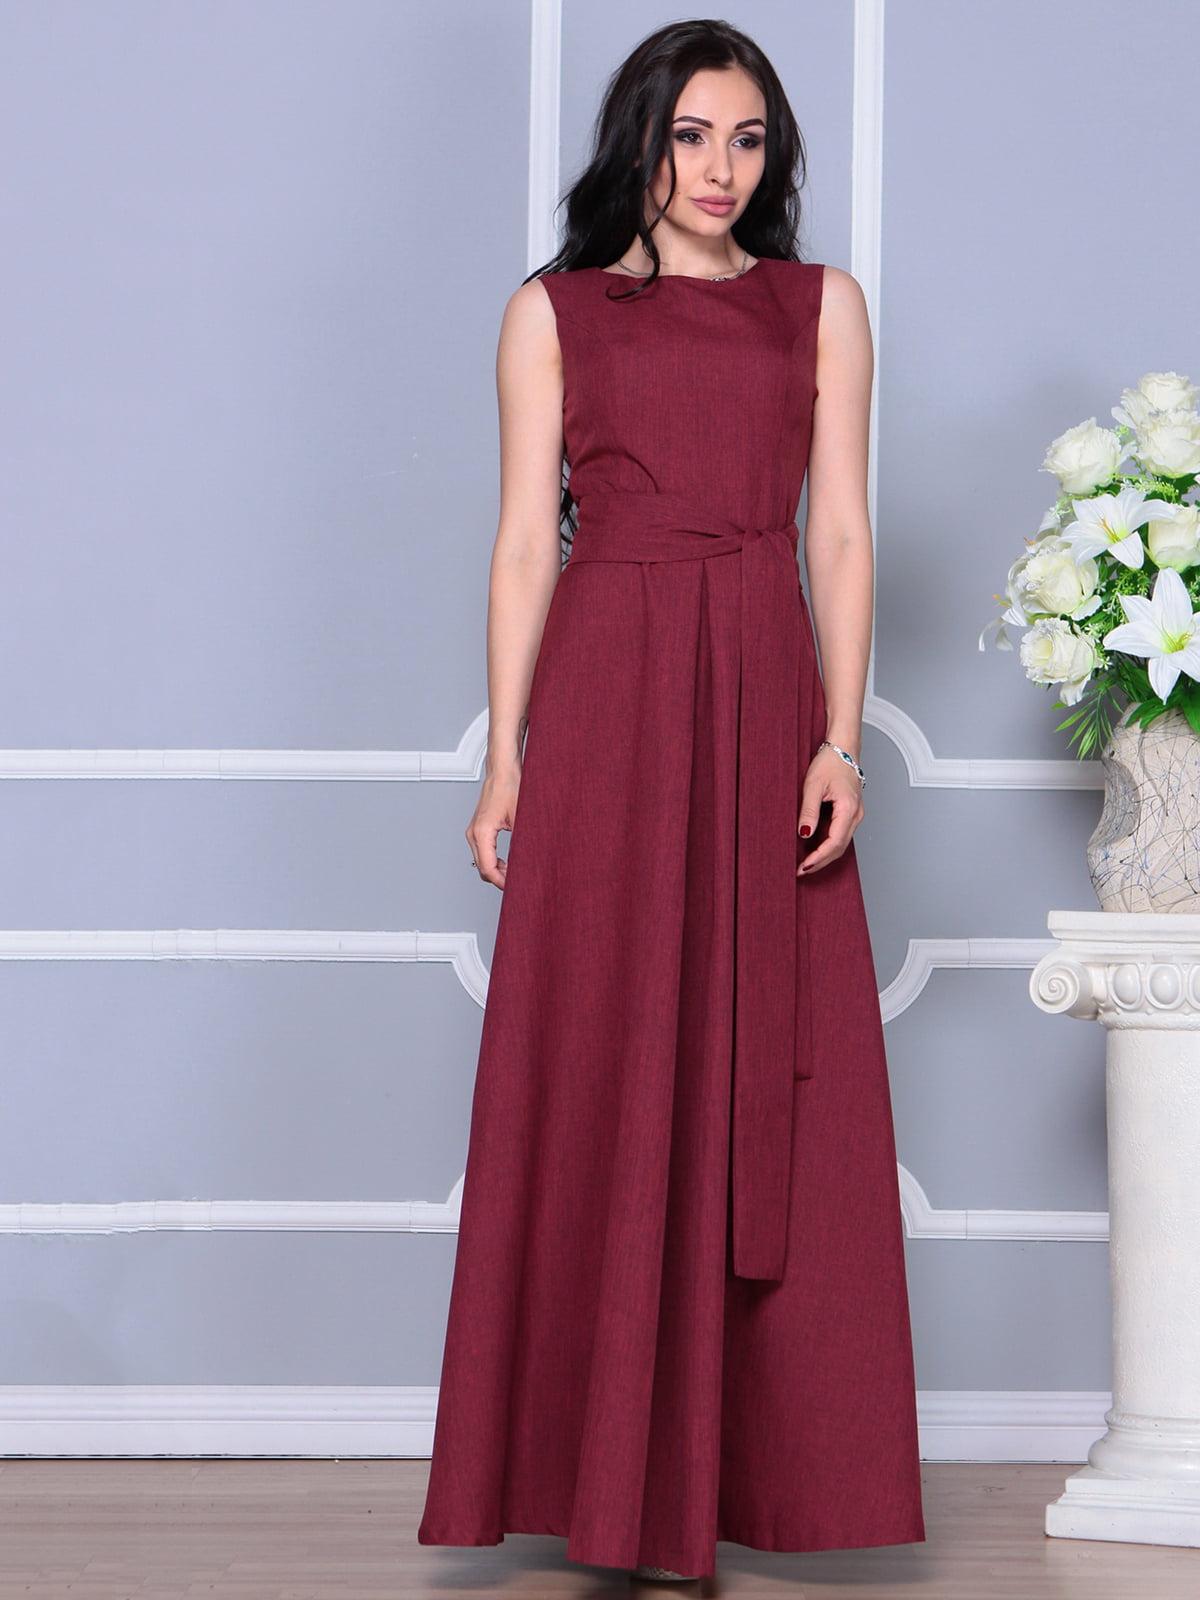 Платье светло-сливовое   4297745   фото 3